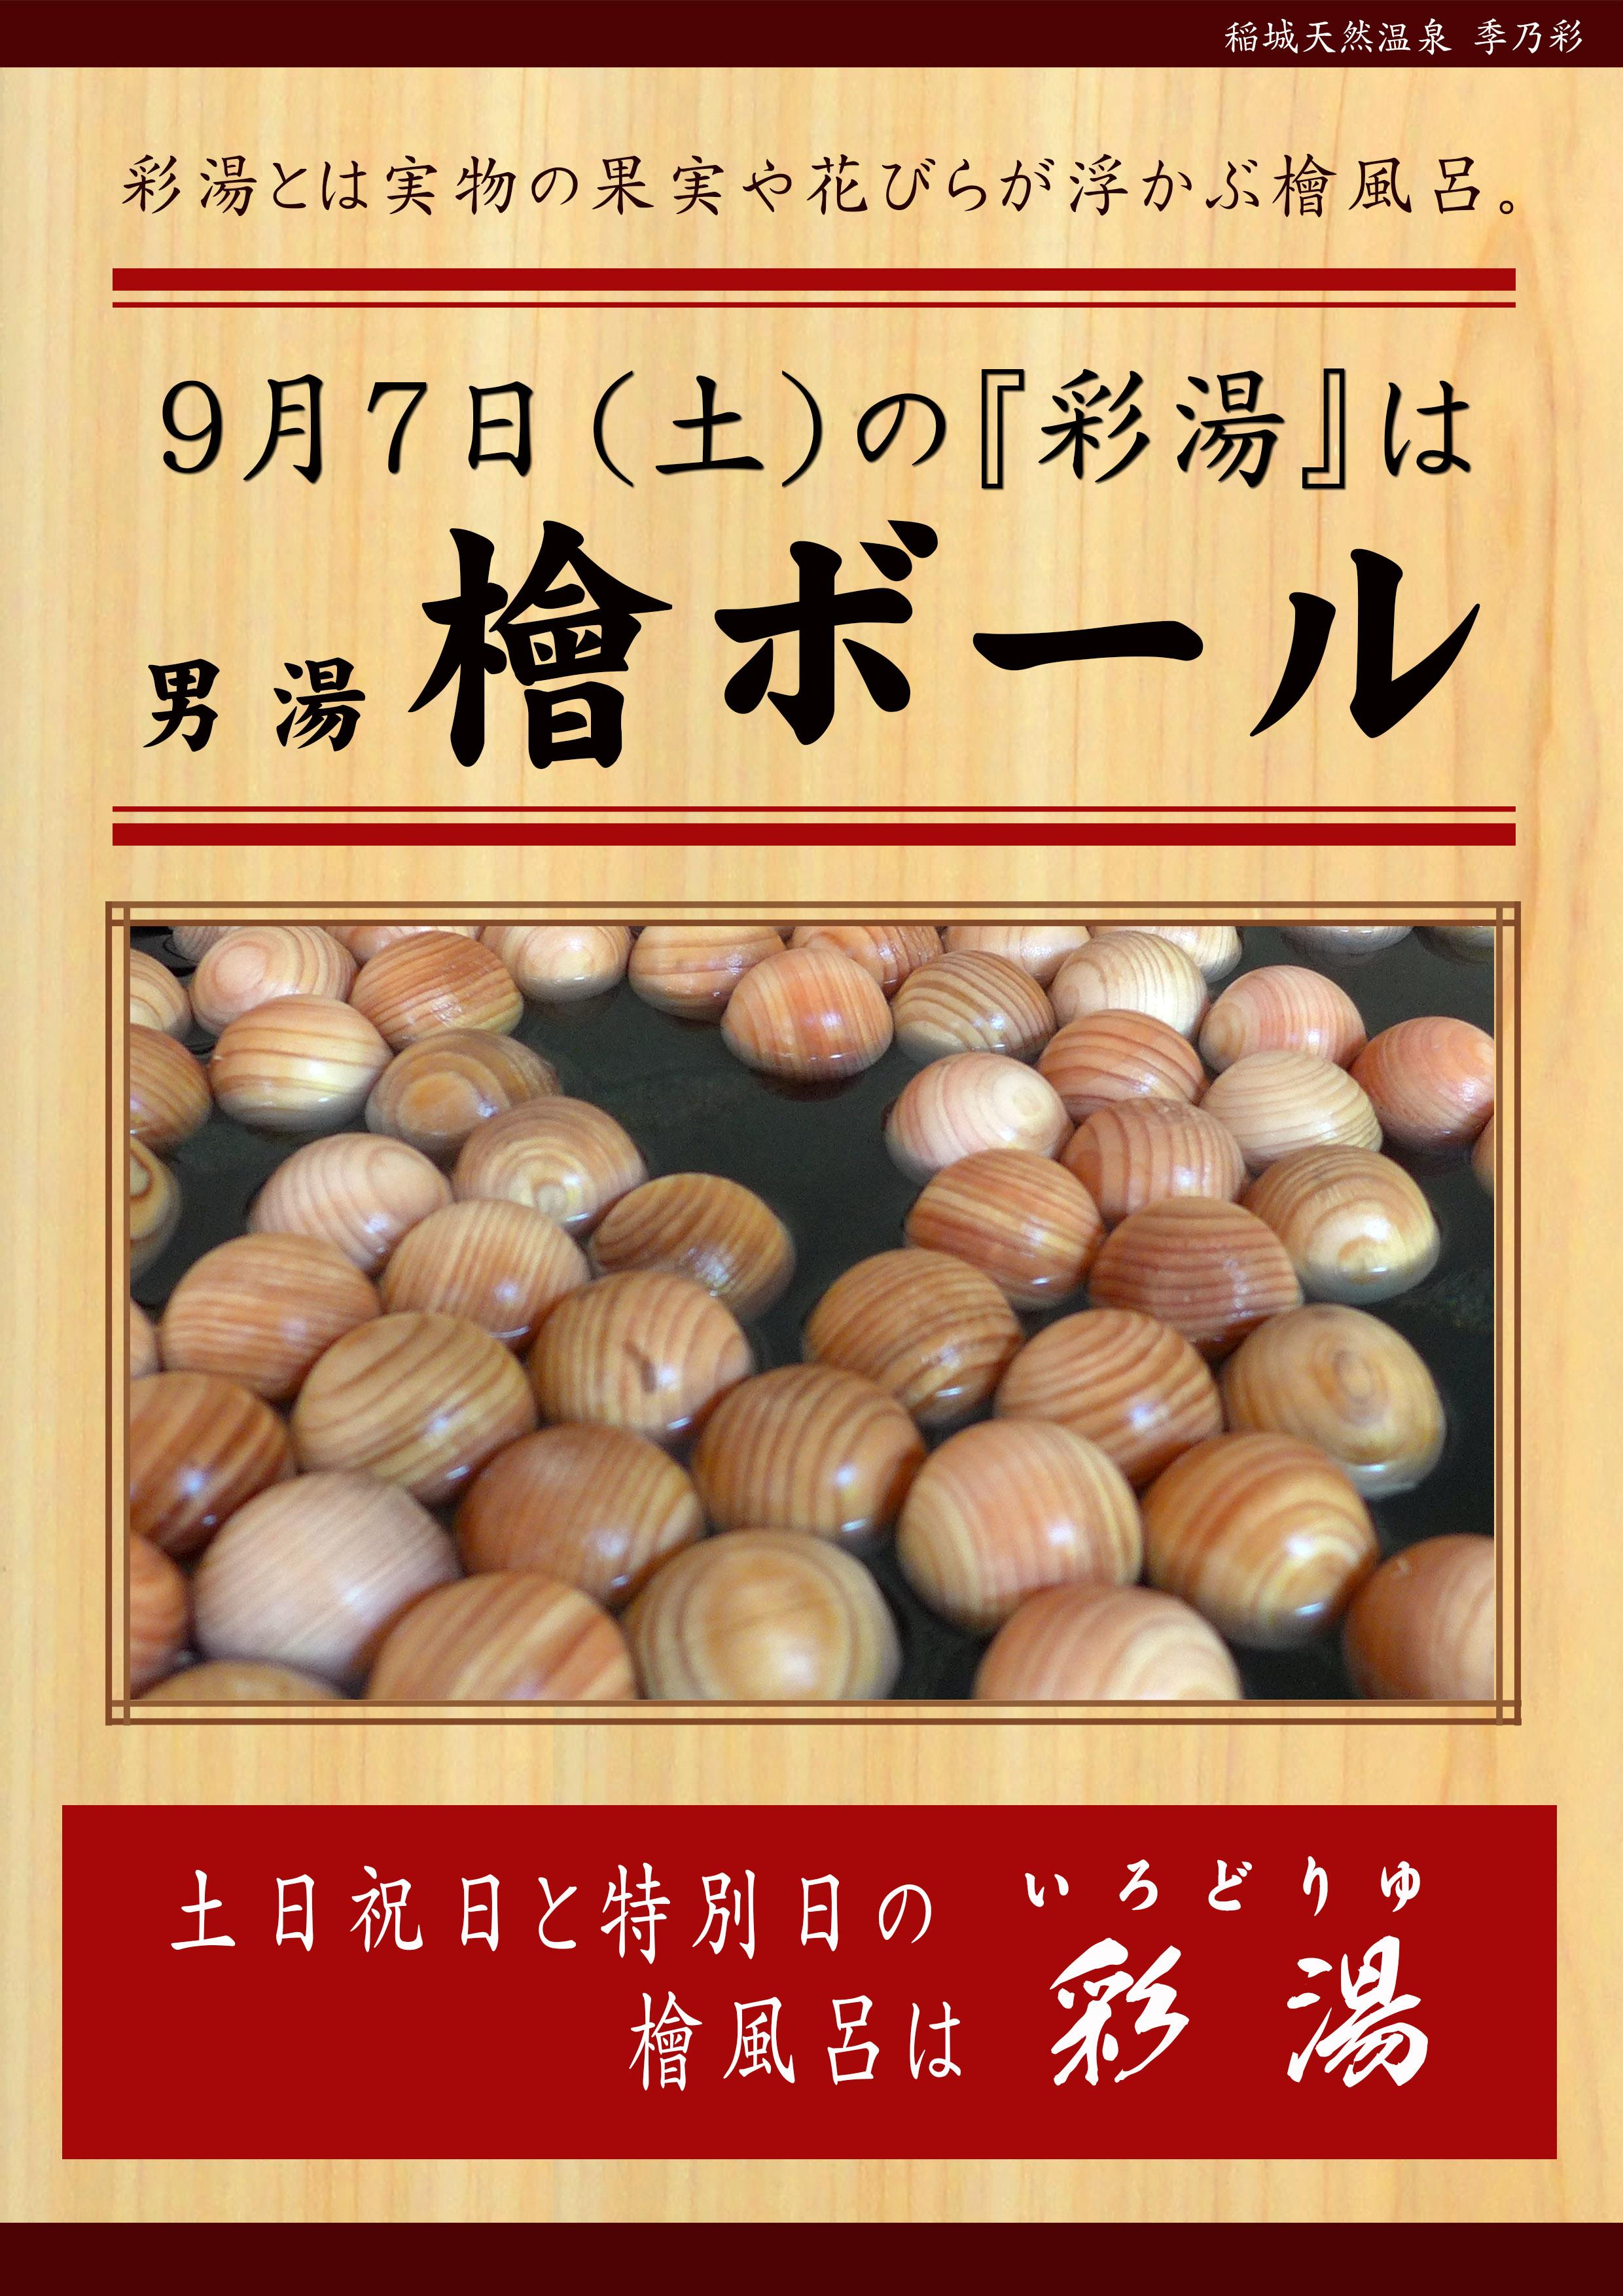 190907 彩湯 男湯 檜ボール